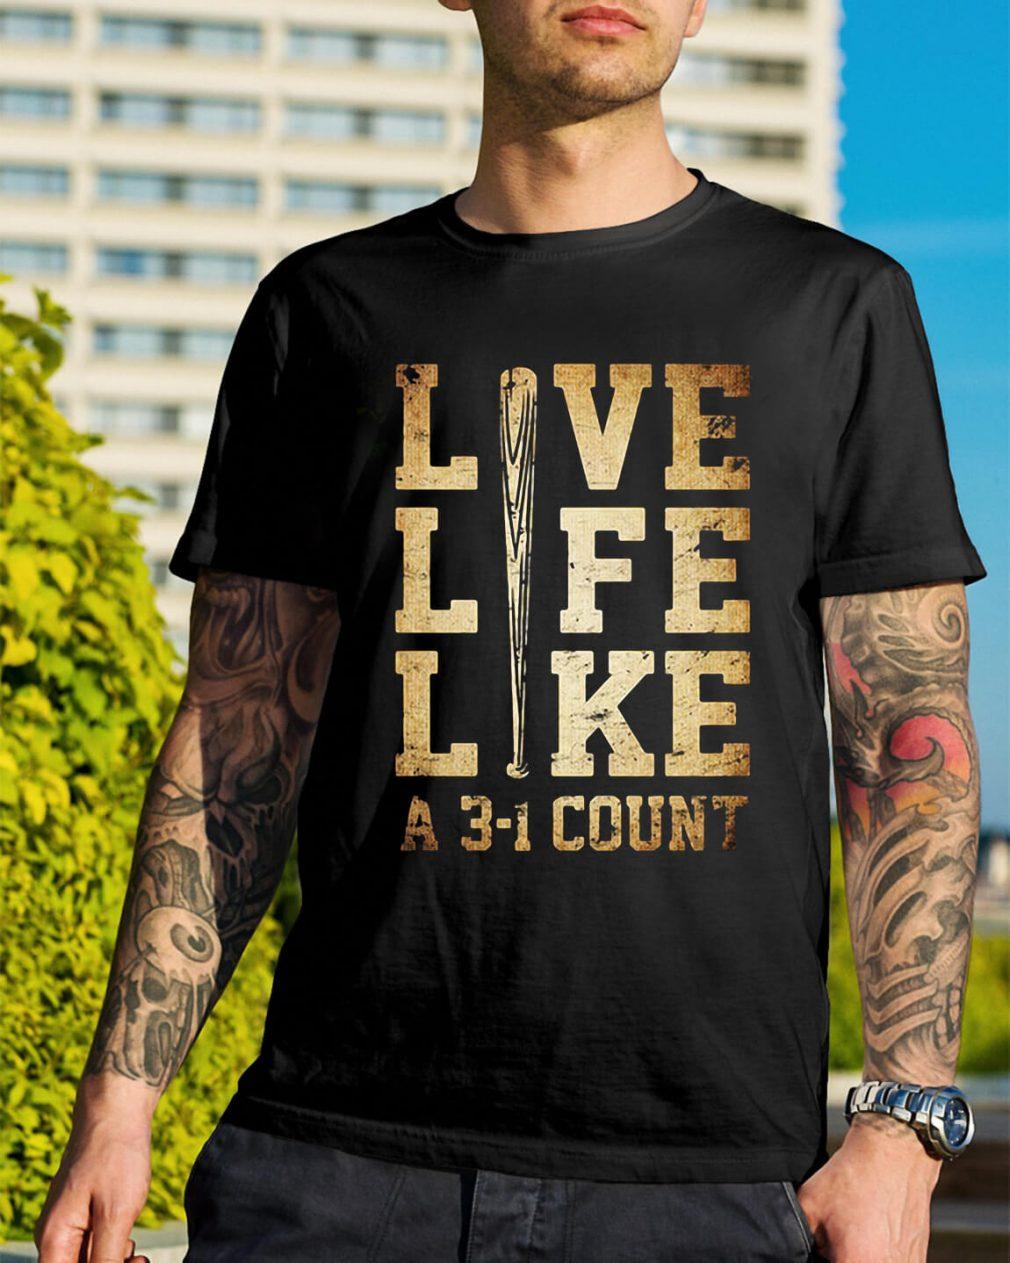 Live life like a 3-1 count shirt